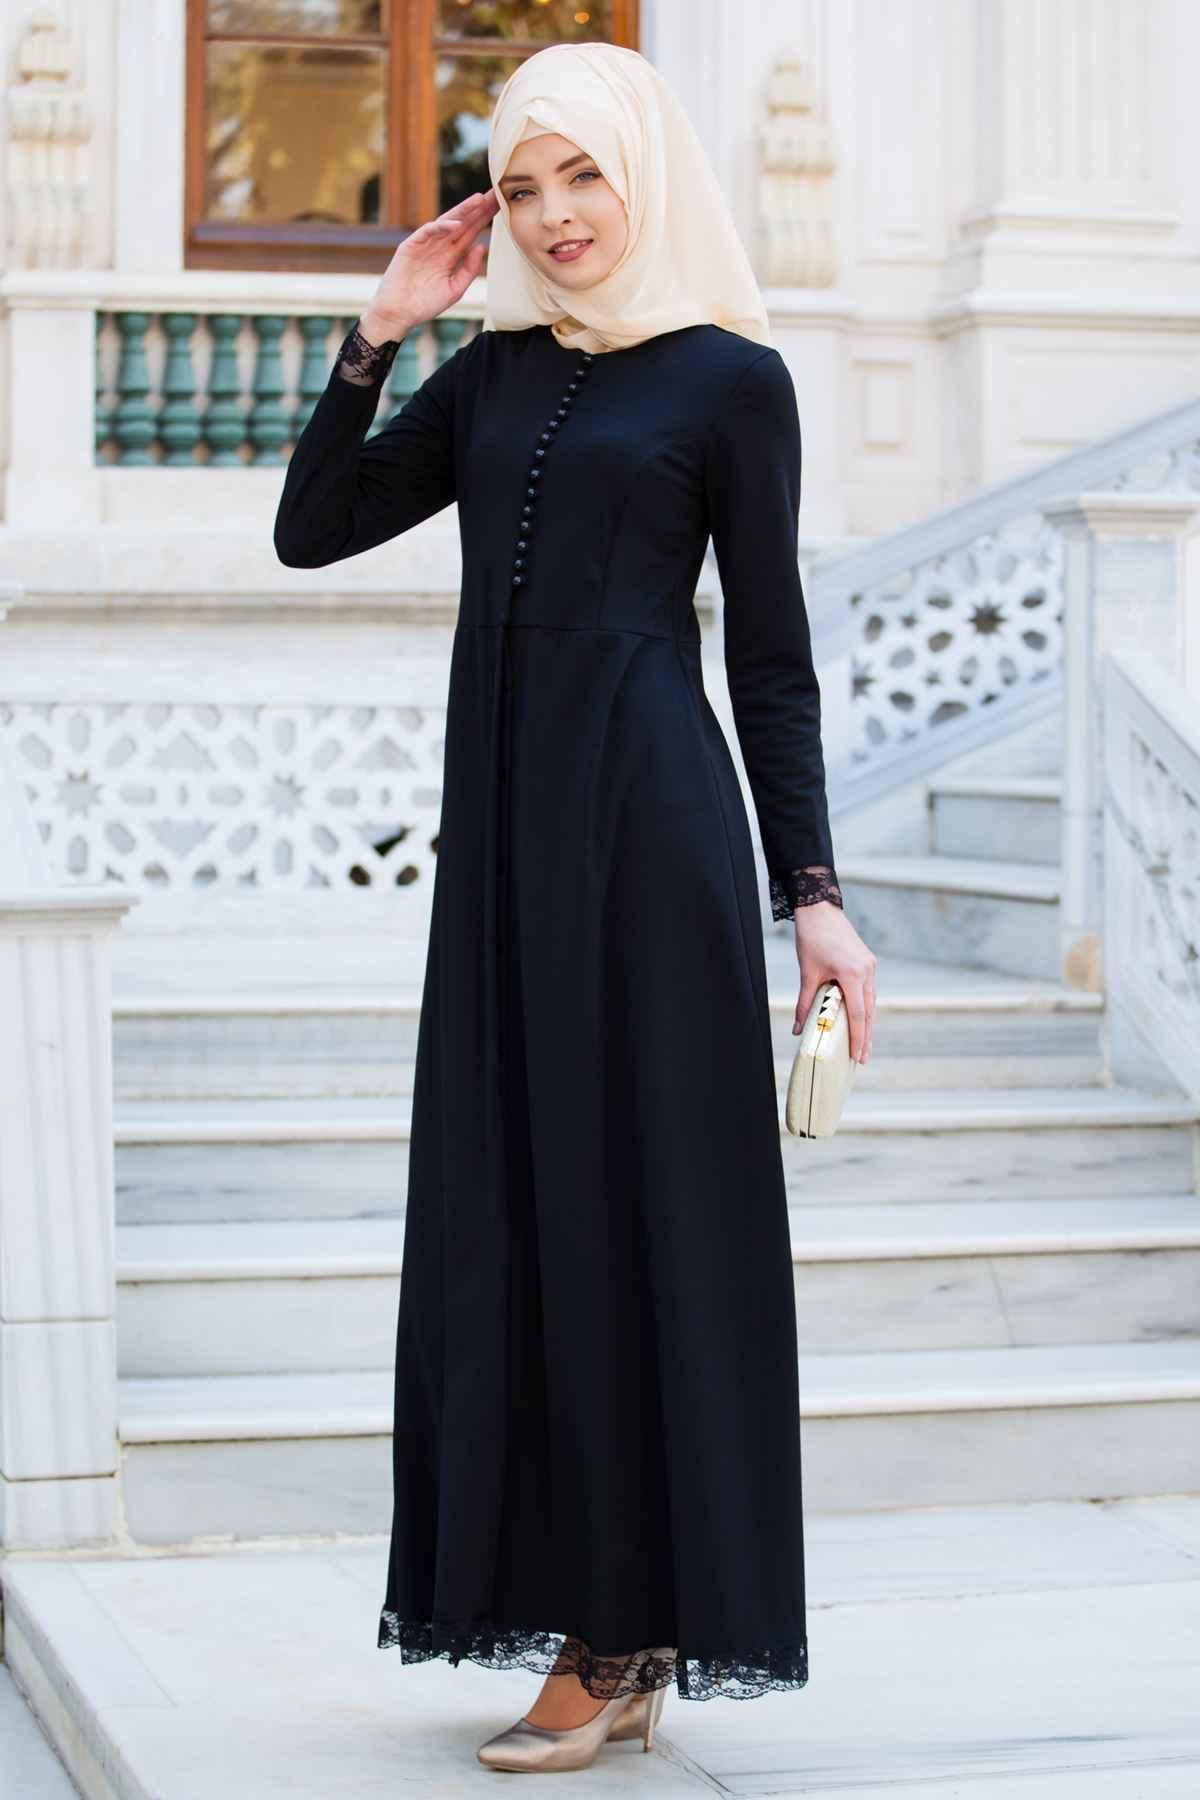 Sedanur Ceket Görünümlü Tesettür Dantelli Elbise Modelleri